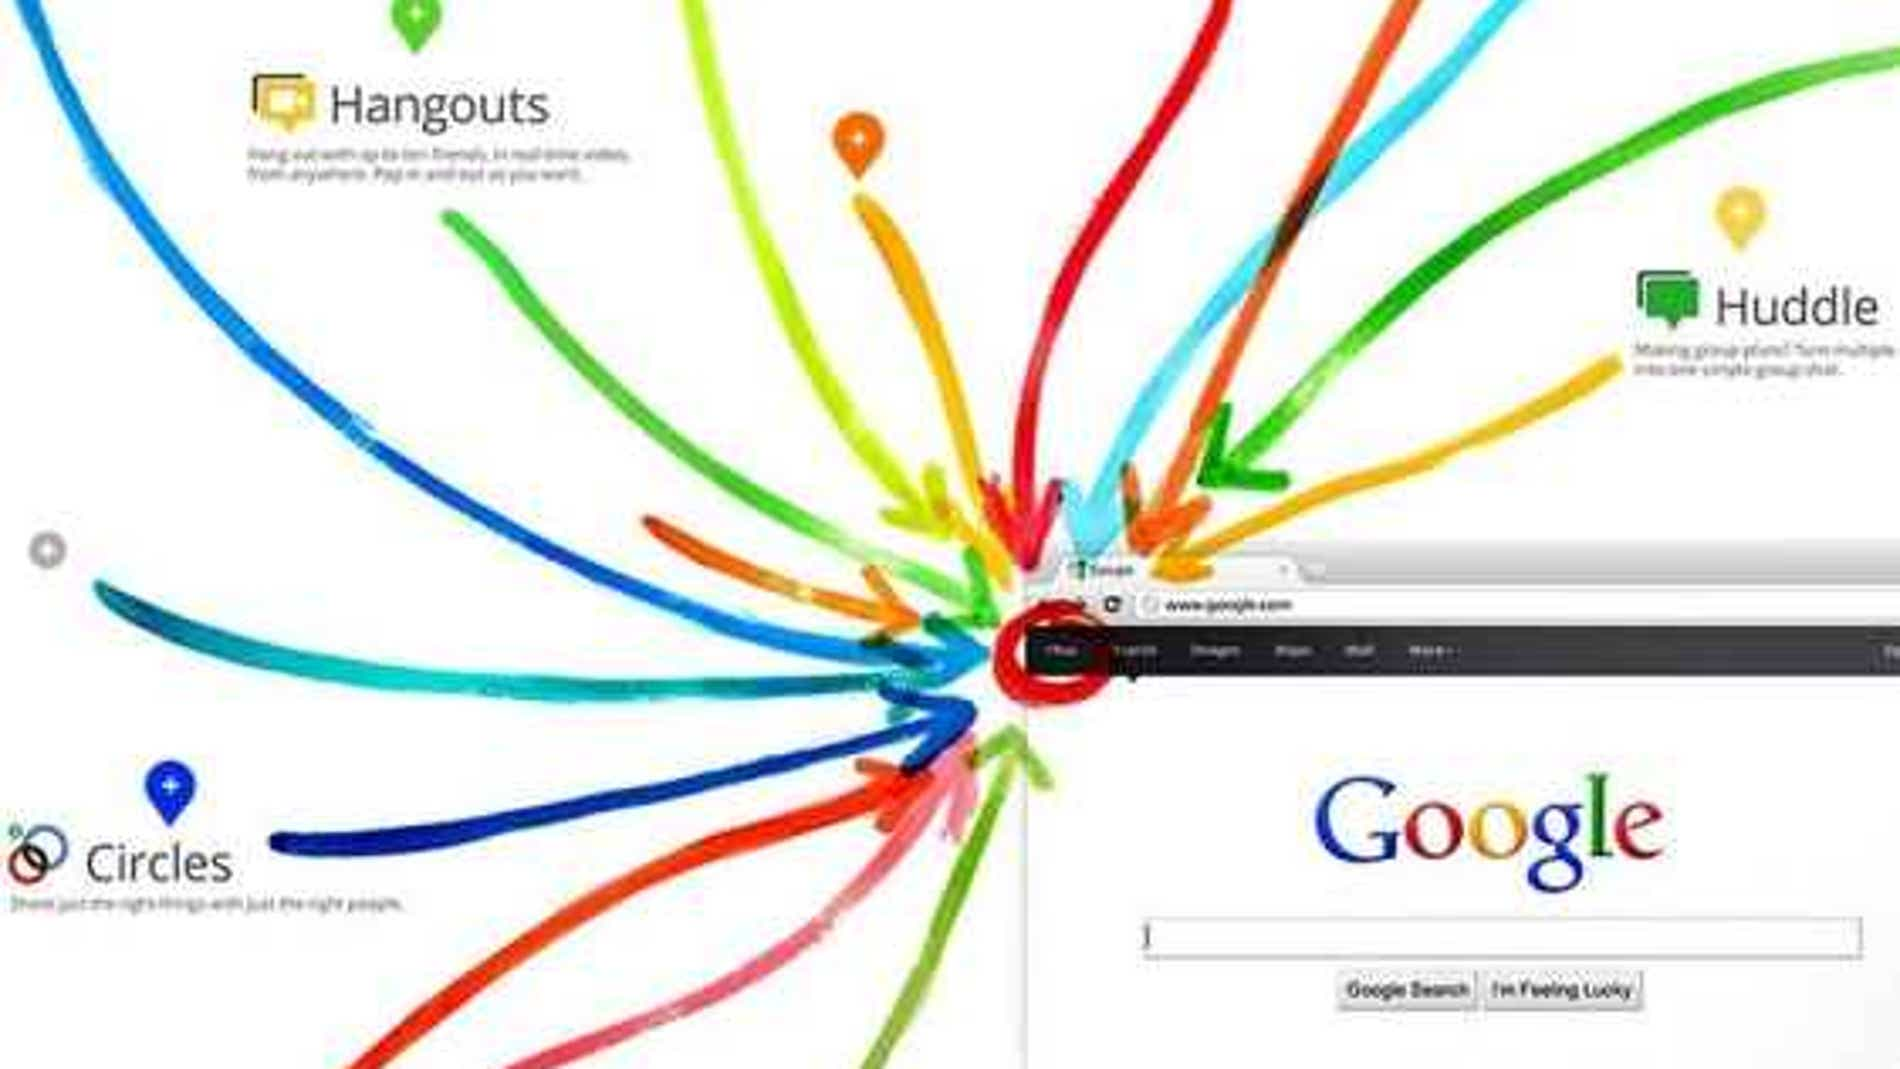 Todos los esfuerzos de Google apuntaba a su fallida red social